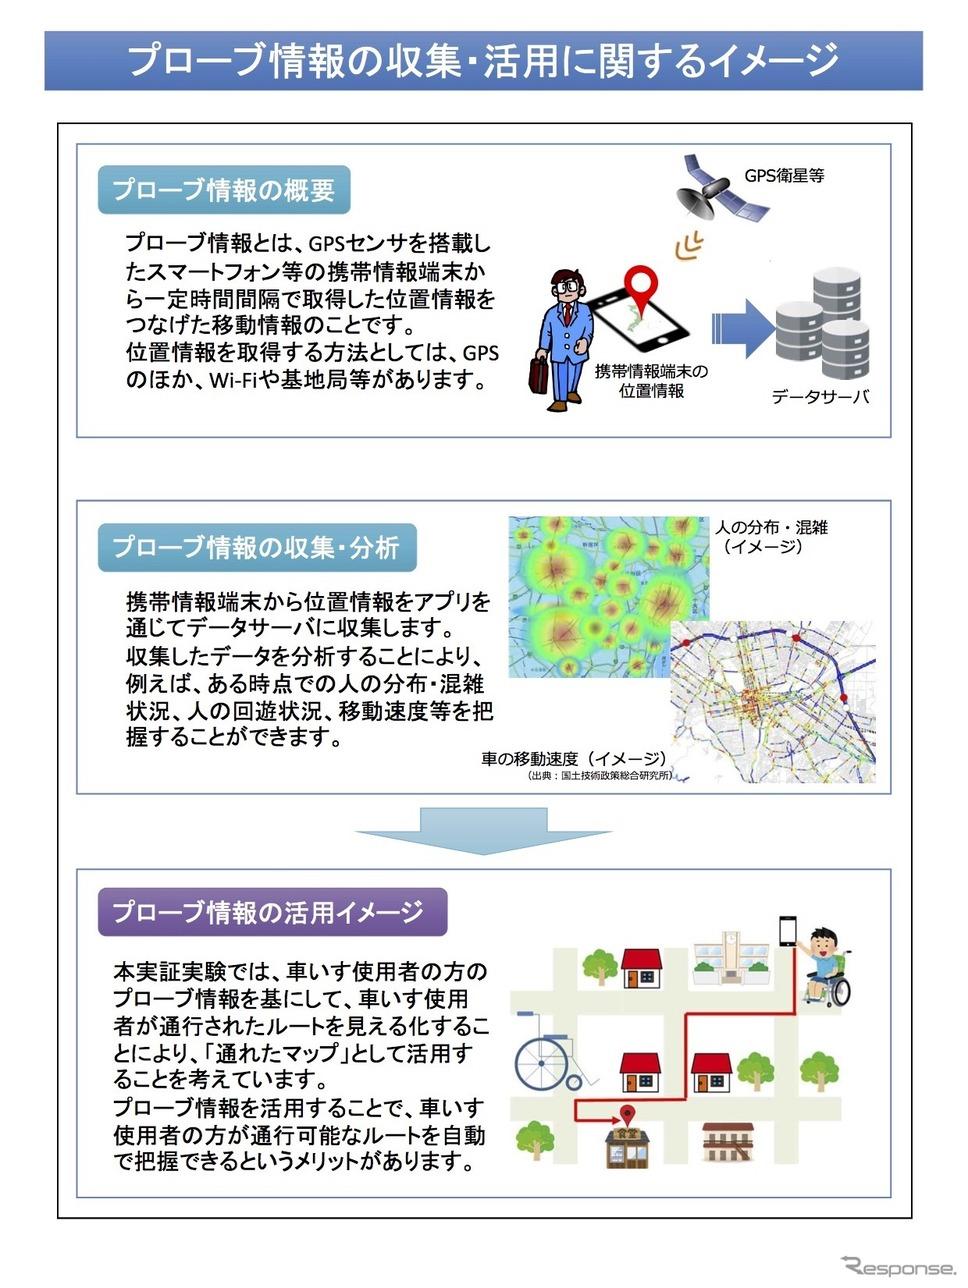 プローブ情報の収集・活用に関するイメージ